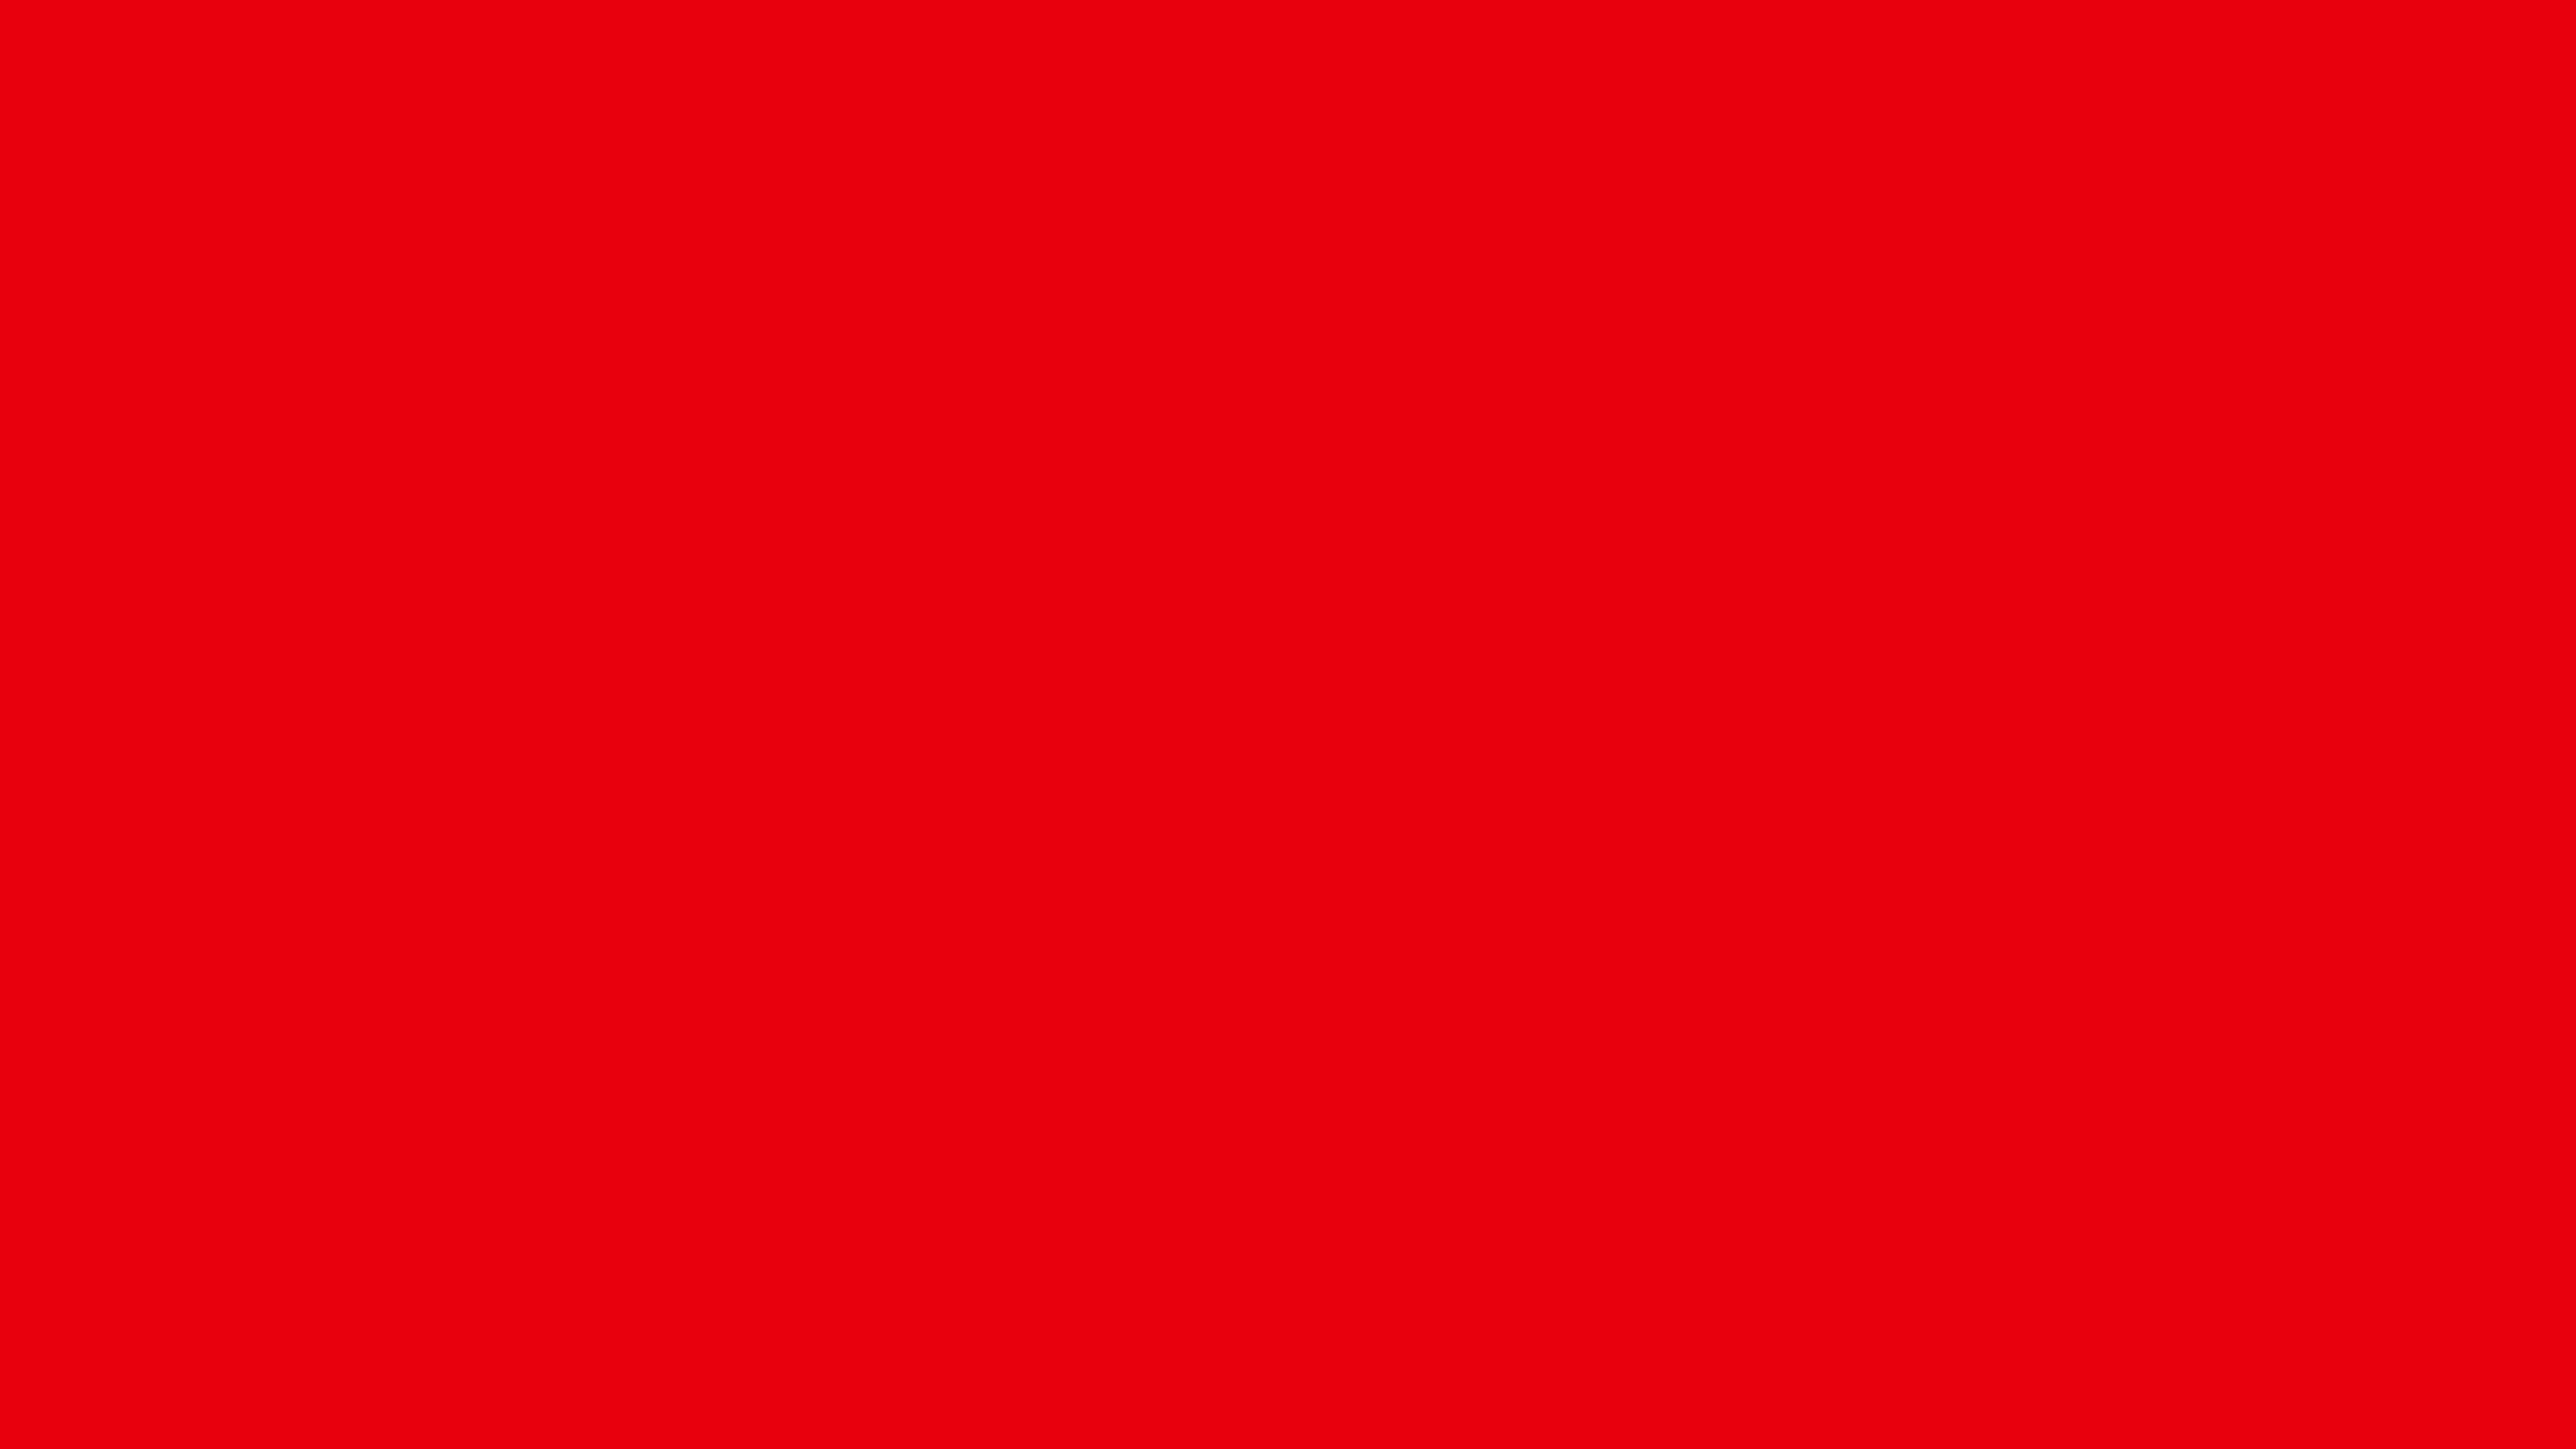 5120x2880 KU Crimson Solid Color Background